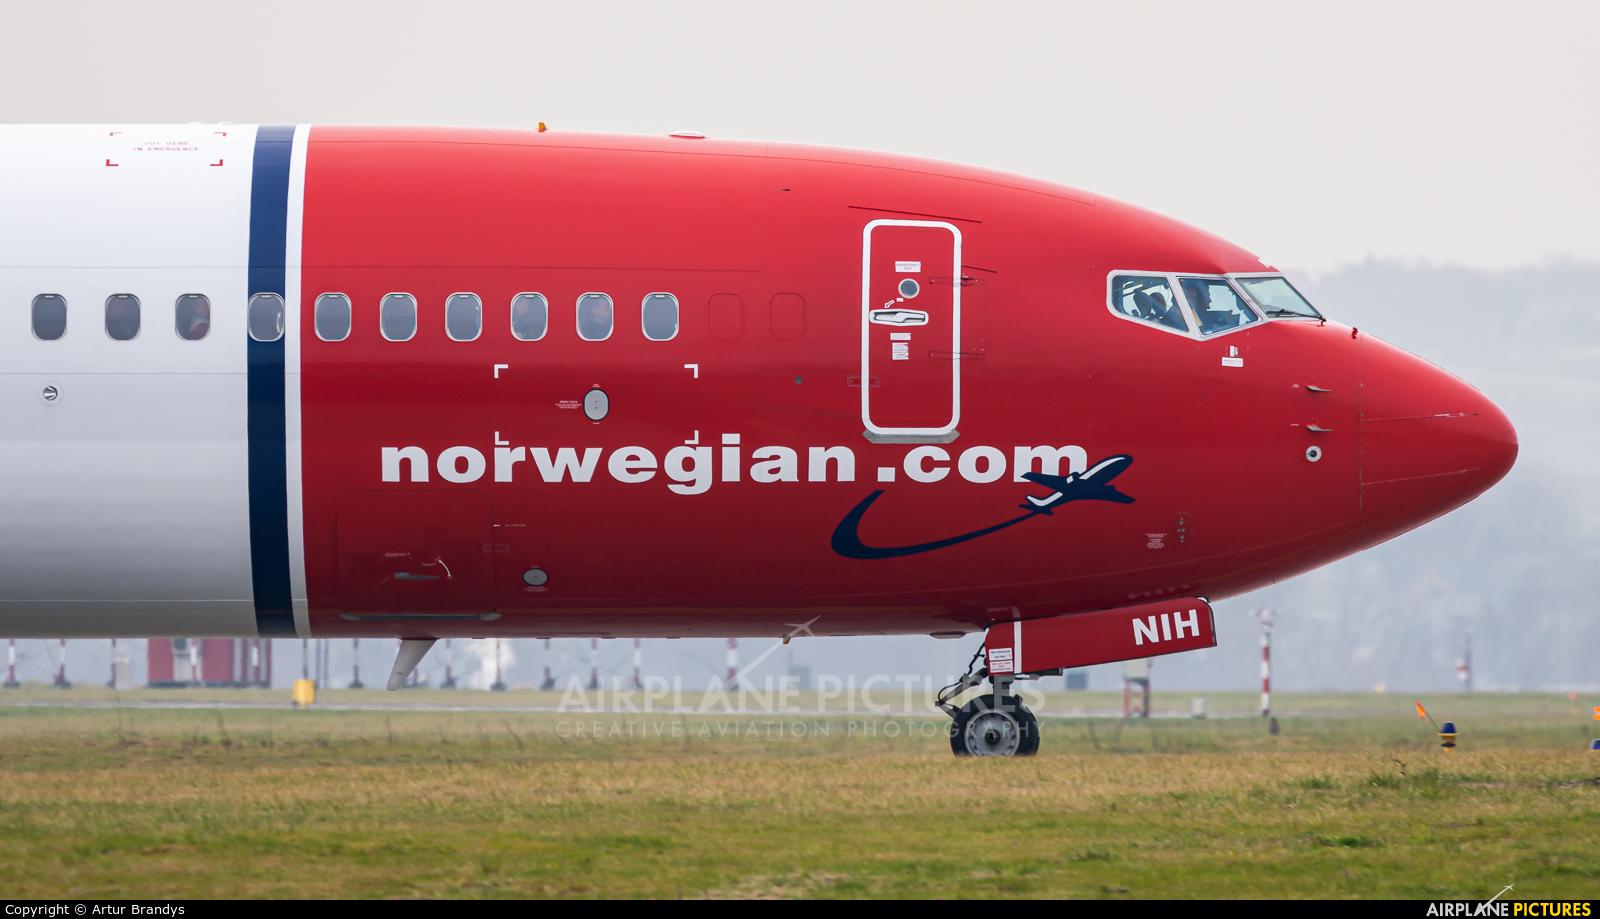 Norwegian Air Shuttle LN-NIH aircraft at Kraków - John Paul II Intl